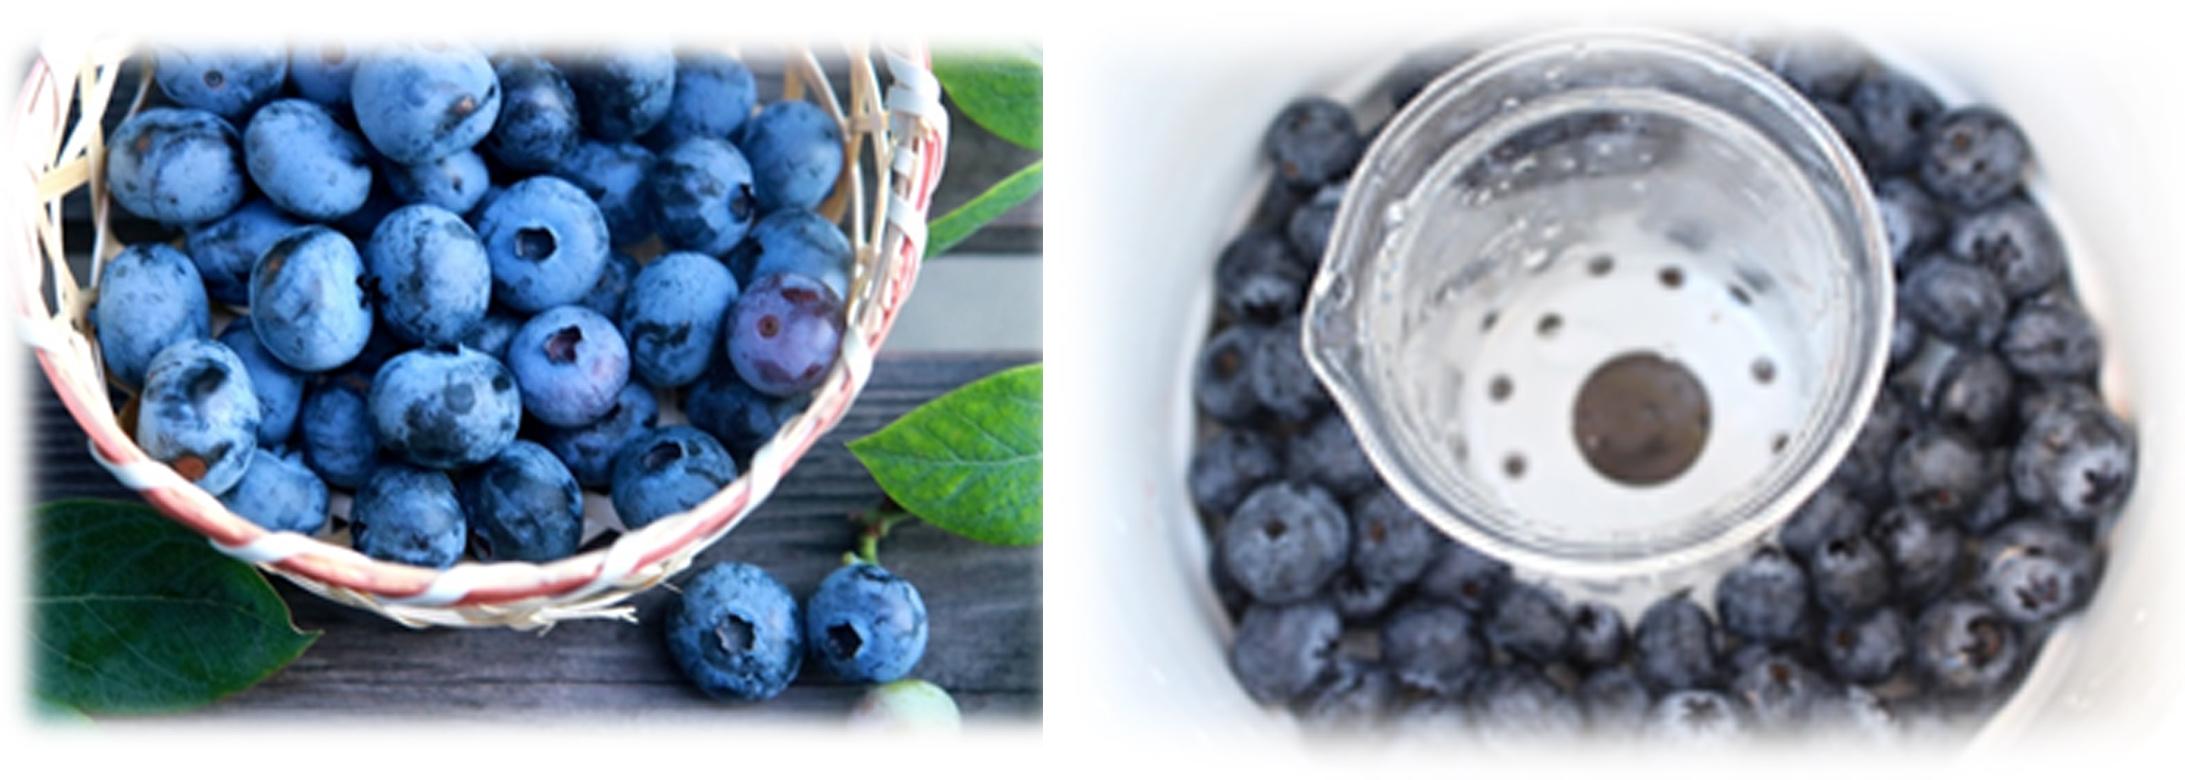 機能性食品を効率よく摂取/「キッチン蒸留手法」…